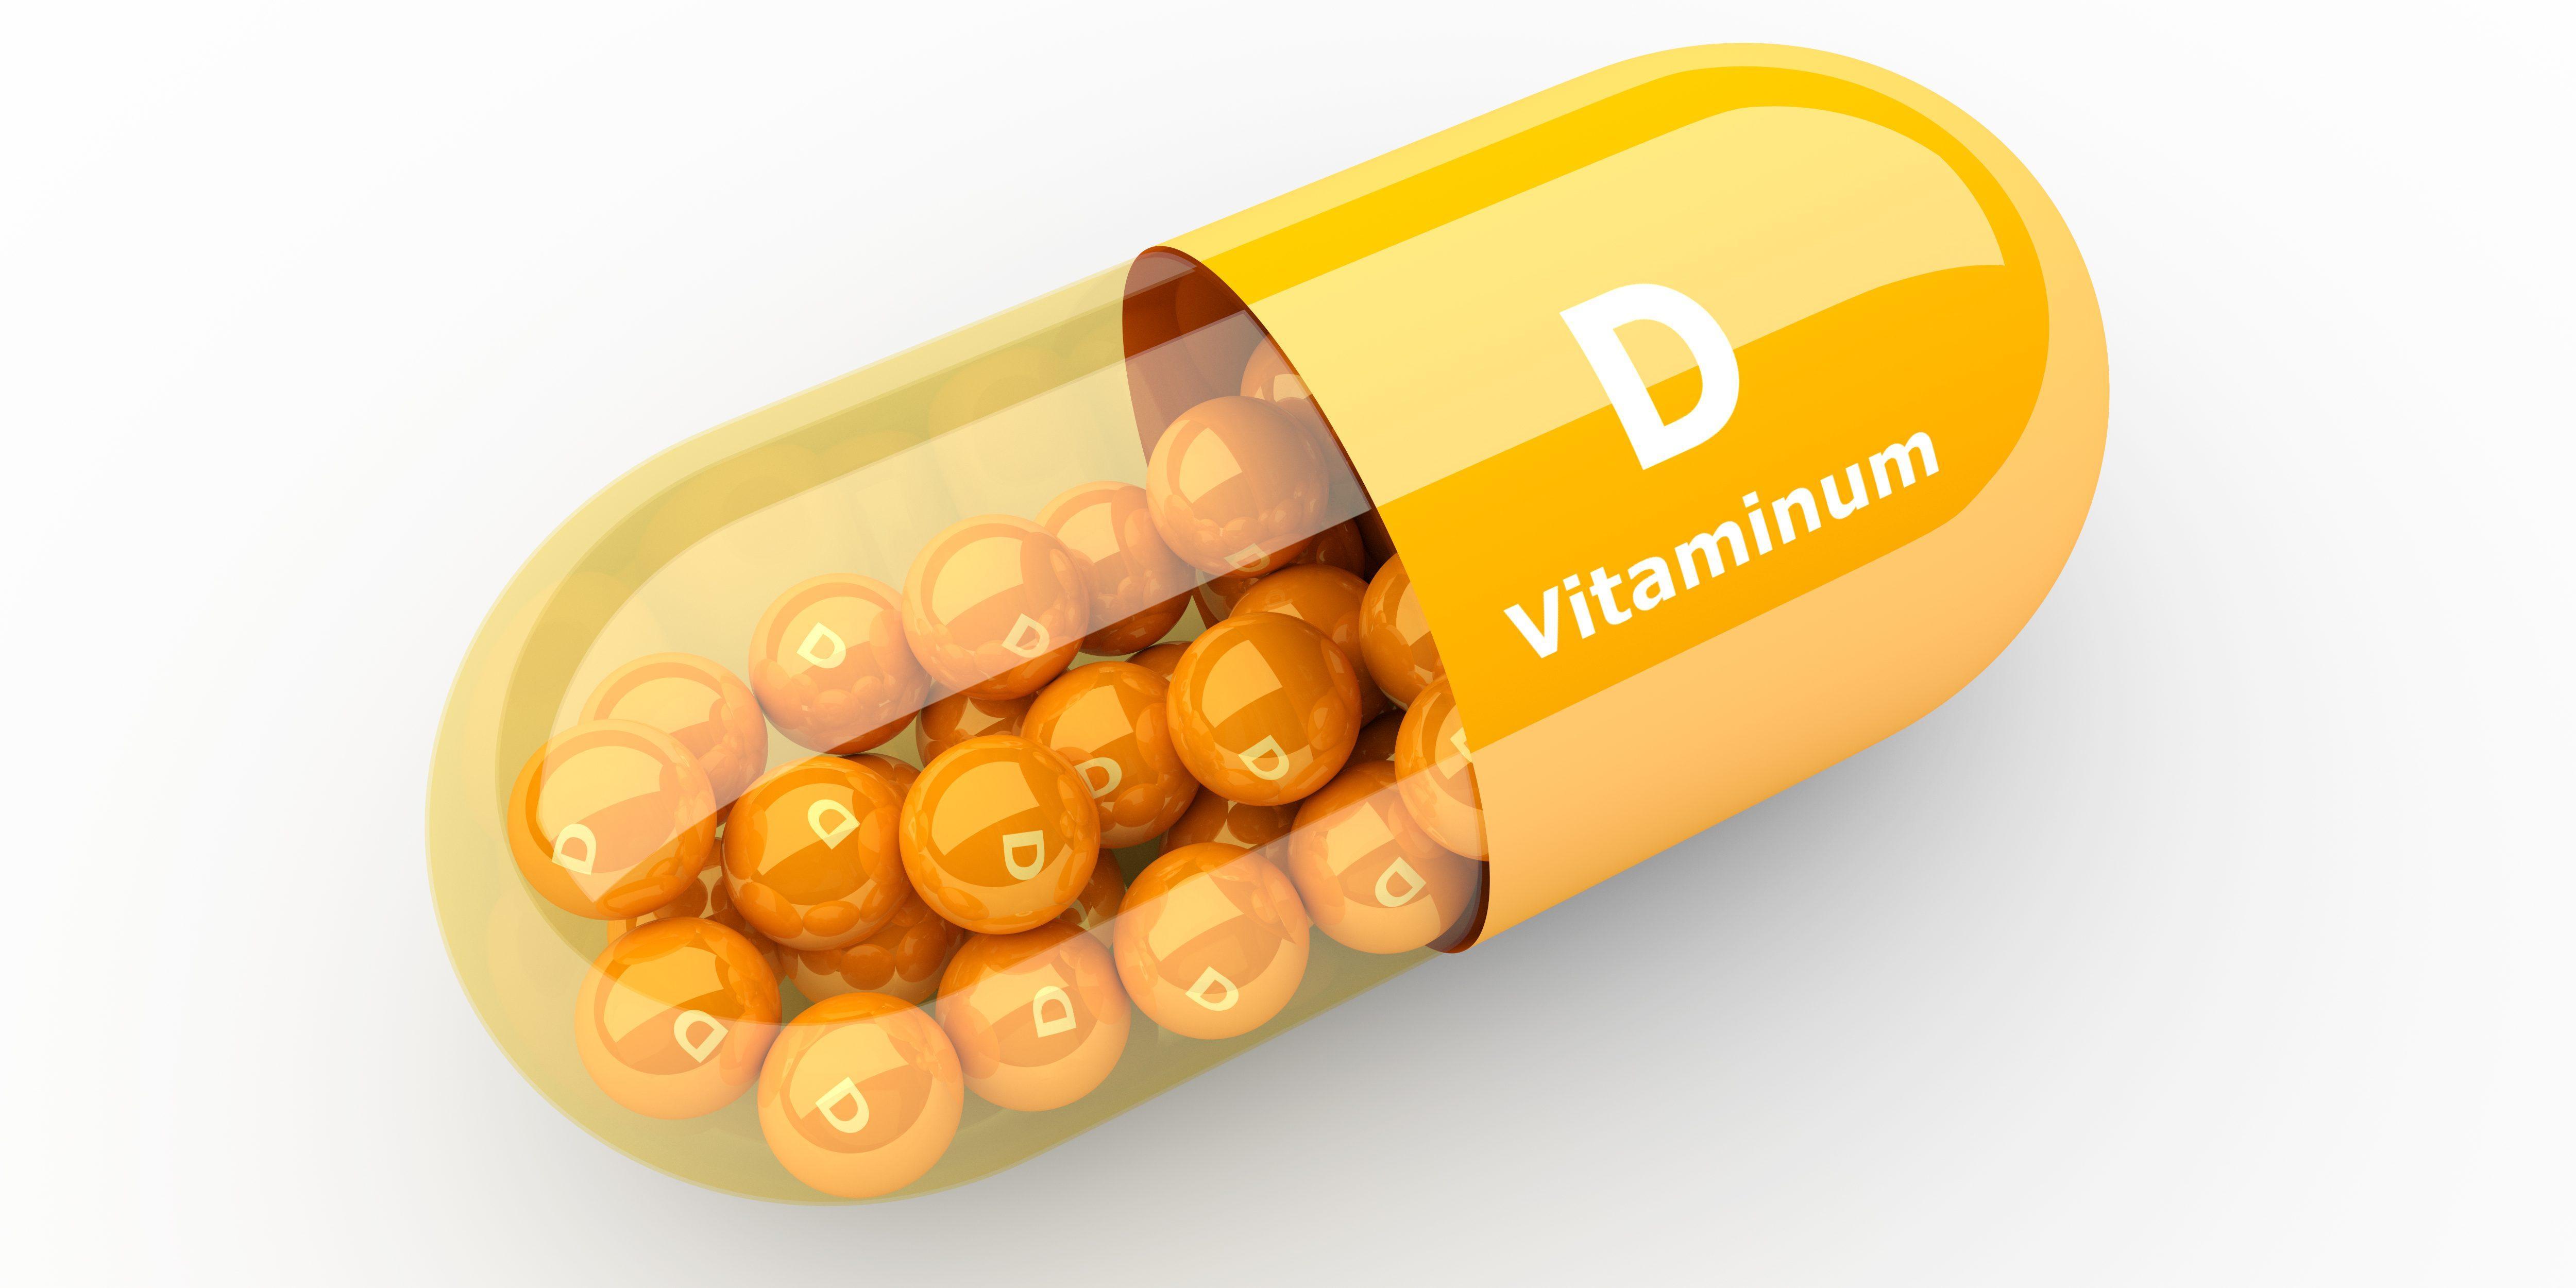 Дефицит витамина D при рождении связали с риском развития шизофрении